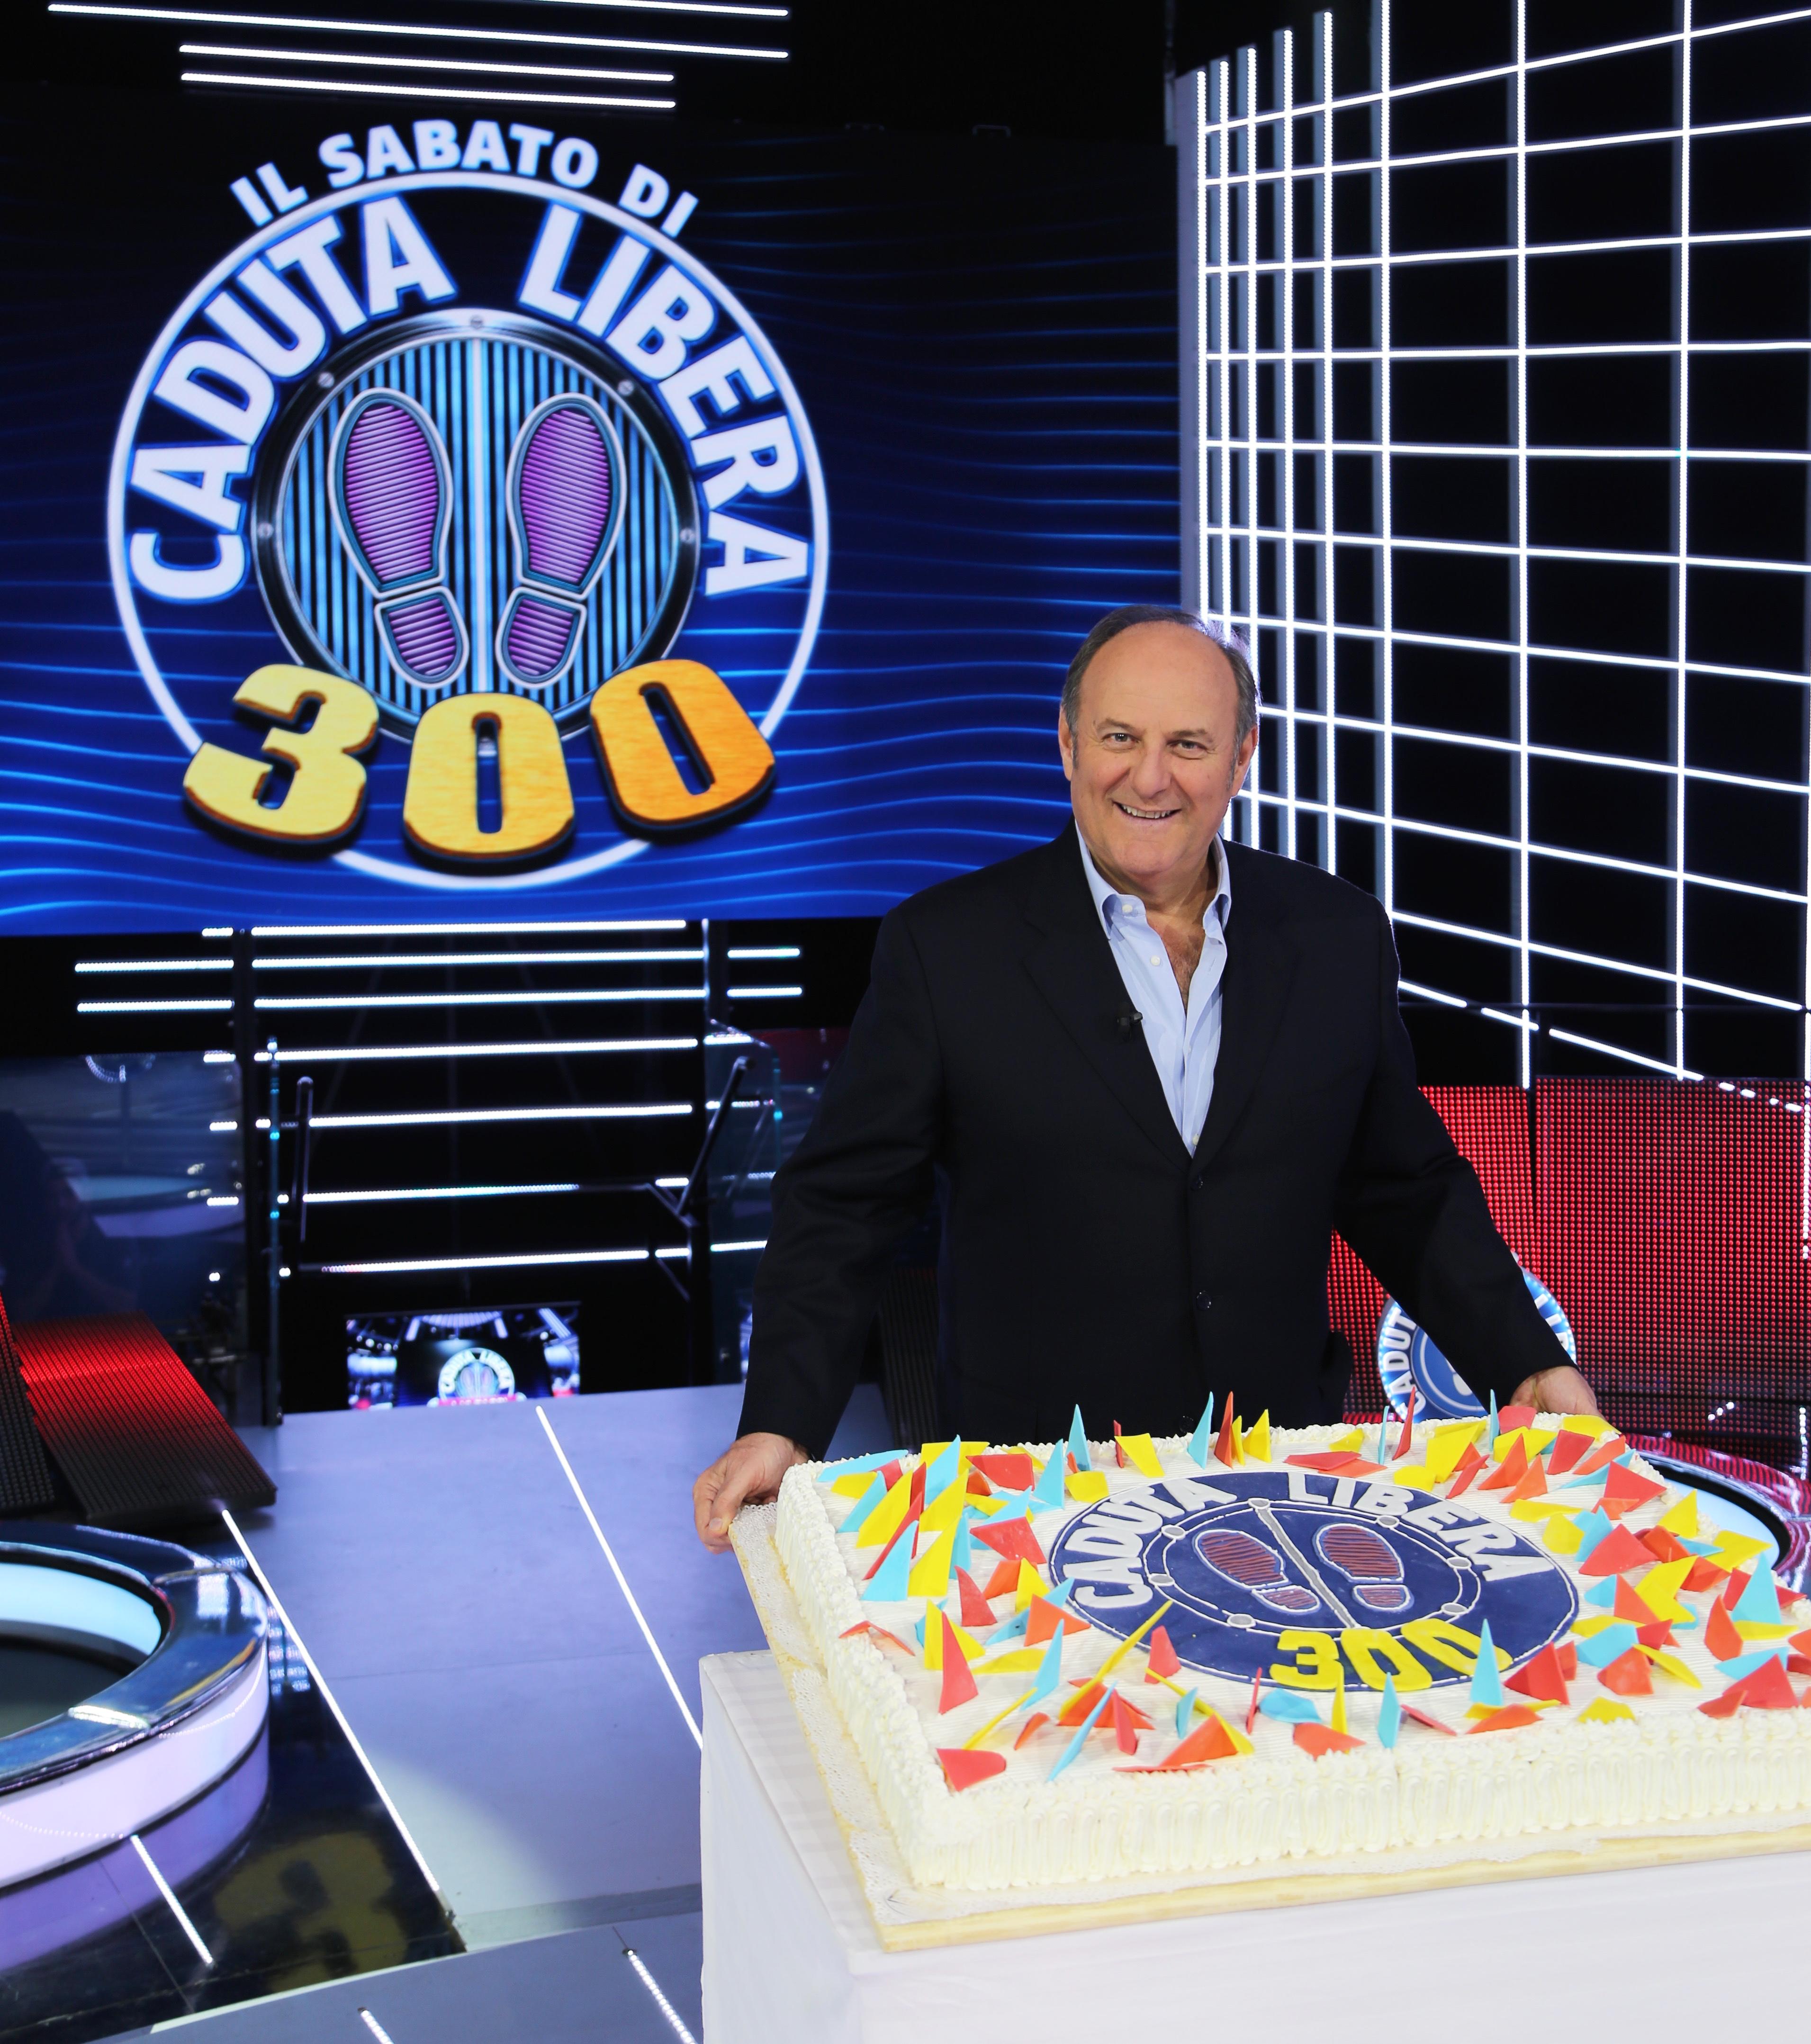 Gerry Scotti con la torta (1)